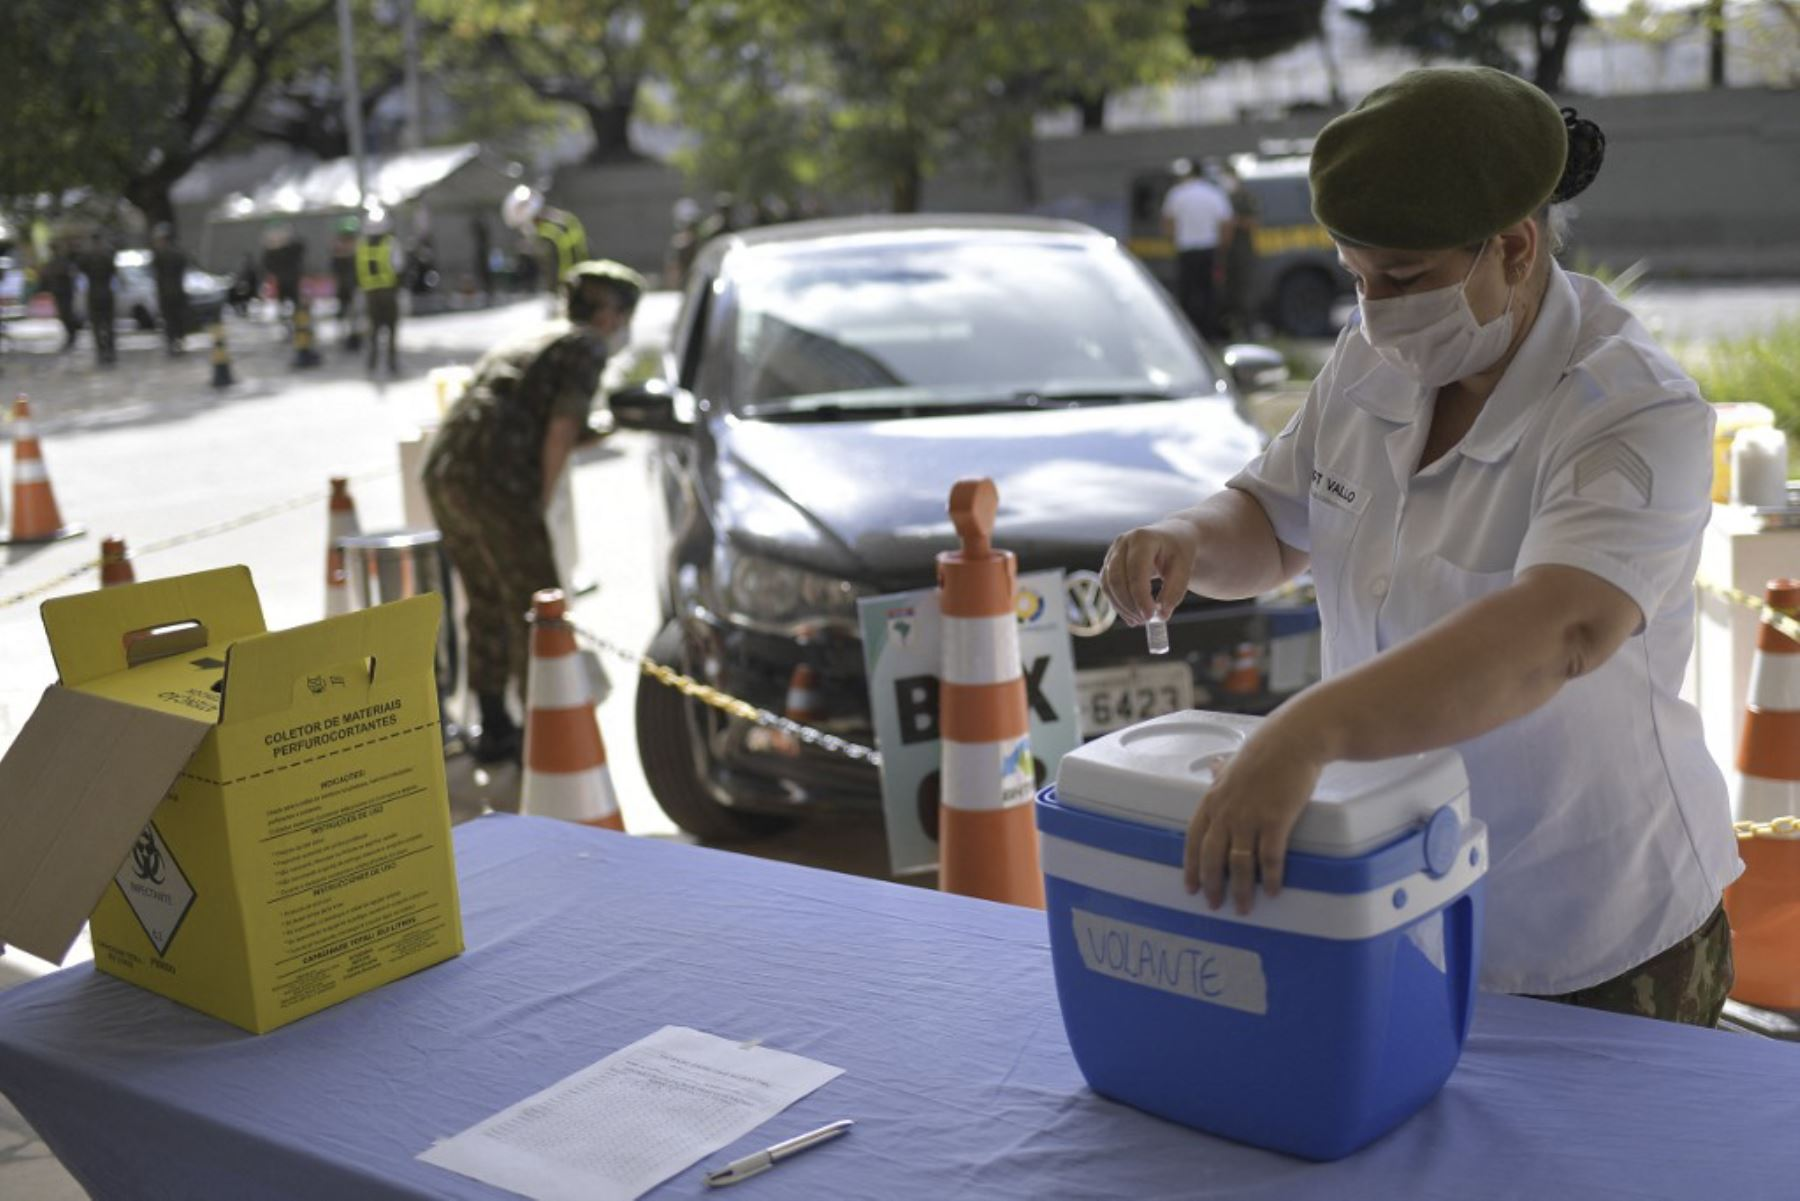 Personal militar del Ejército brasileño asiste a un centro de vacunación drive-through para inocular a ancianos mayores de 89 años con la segunda dosis de la vacuna AstraZeneca / Oxford contra el nuevo coronavirus, covid-19, en Belo Horizonte, Estado de Minas Gerais, Brasil. Foto: AFP